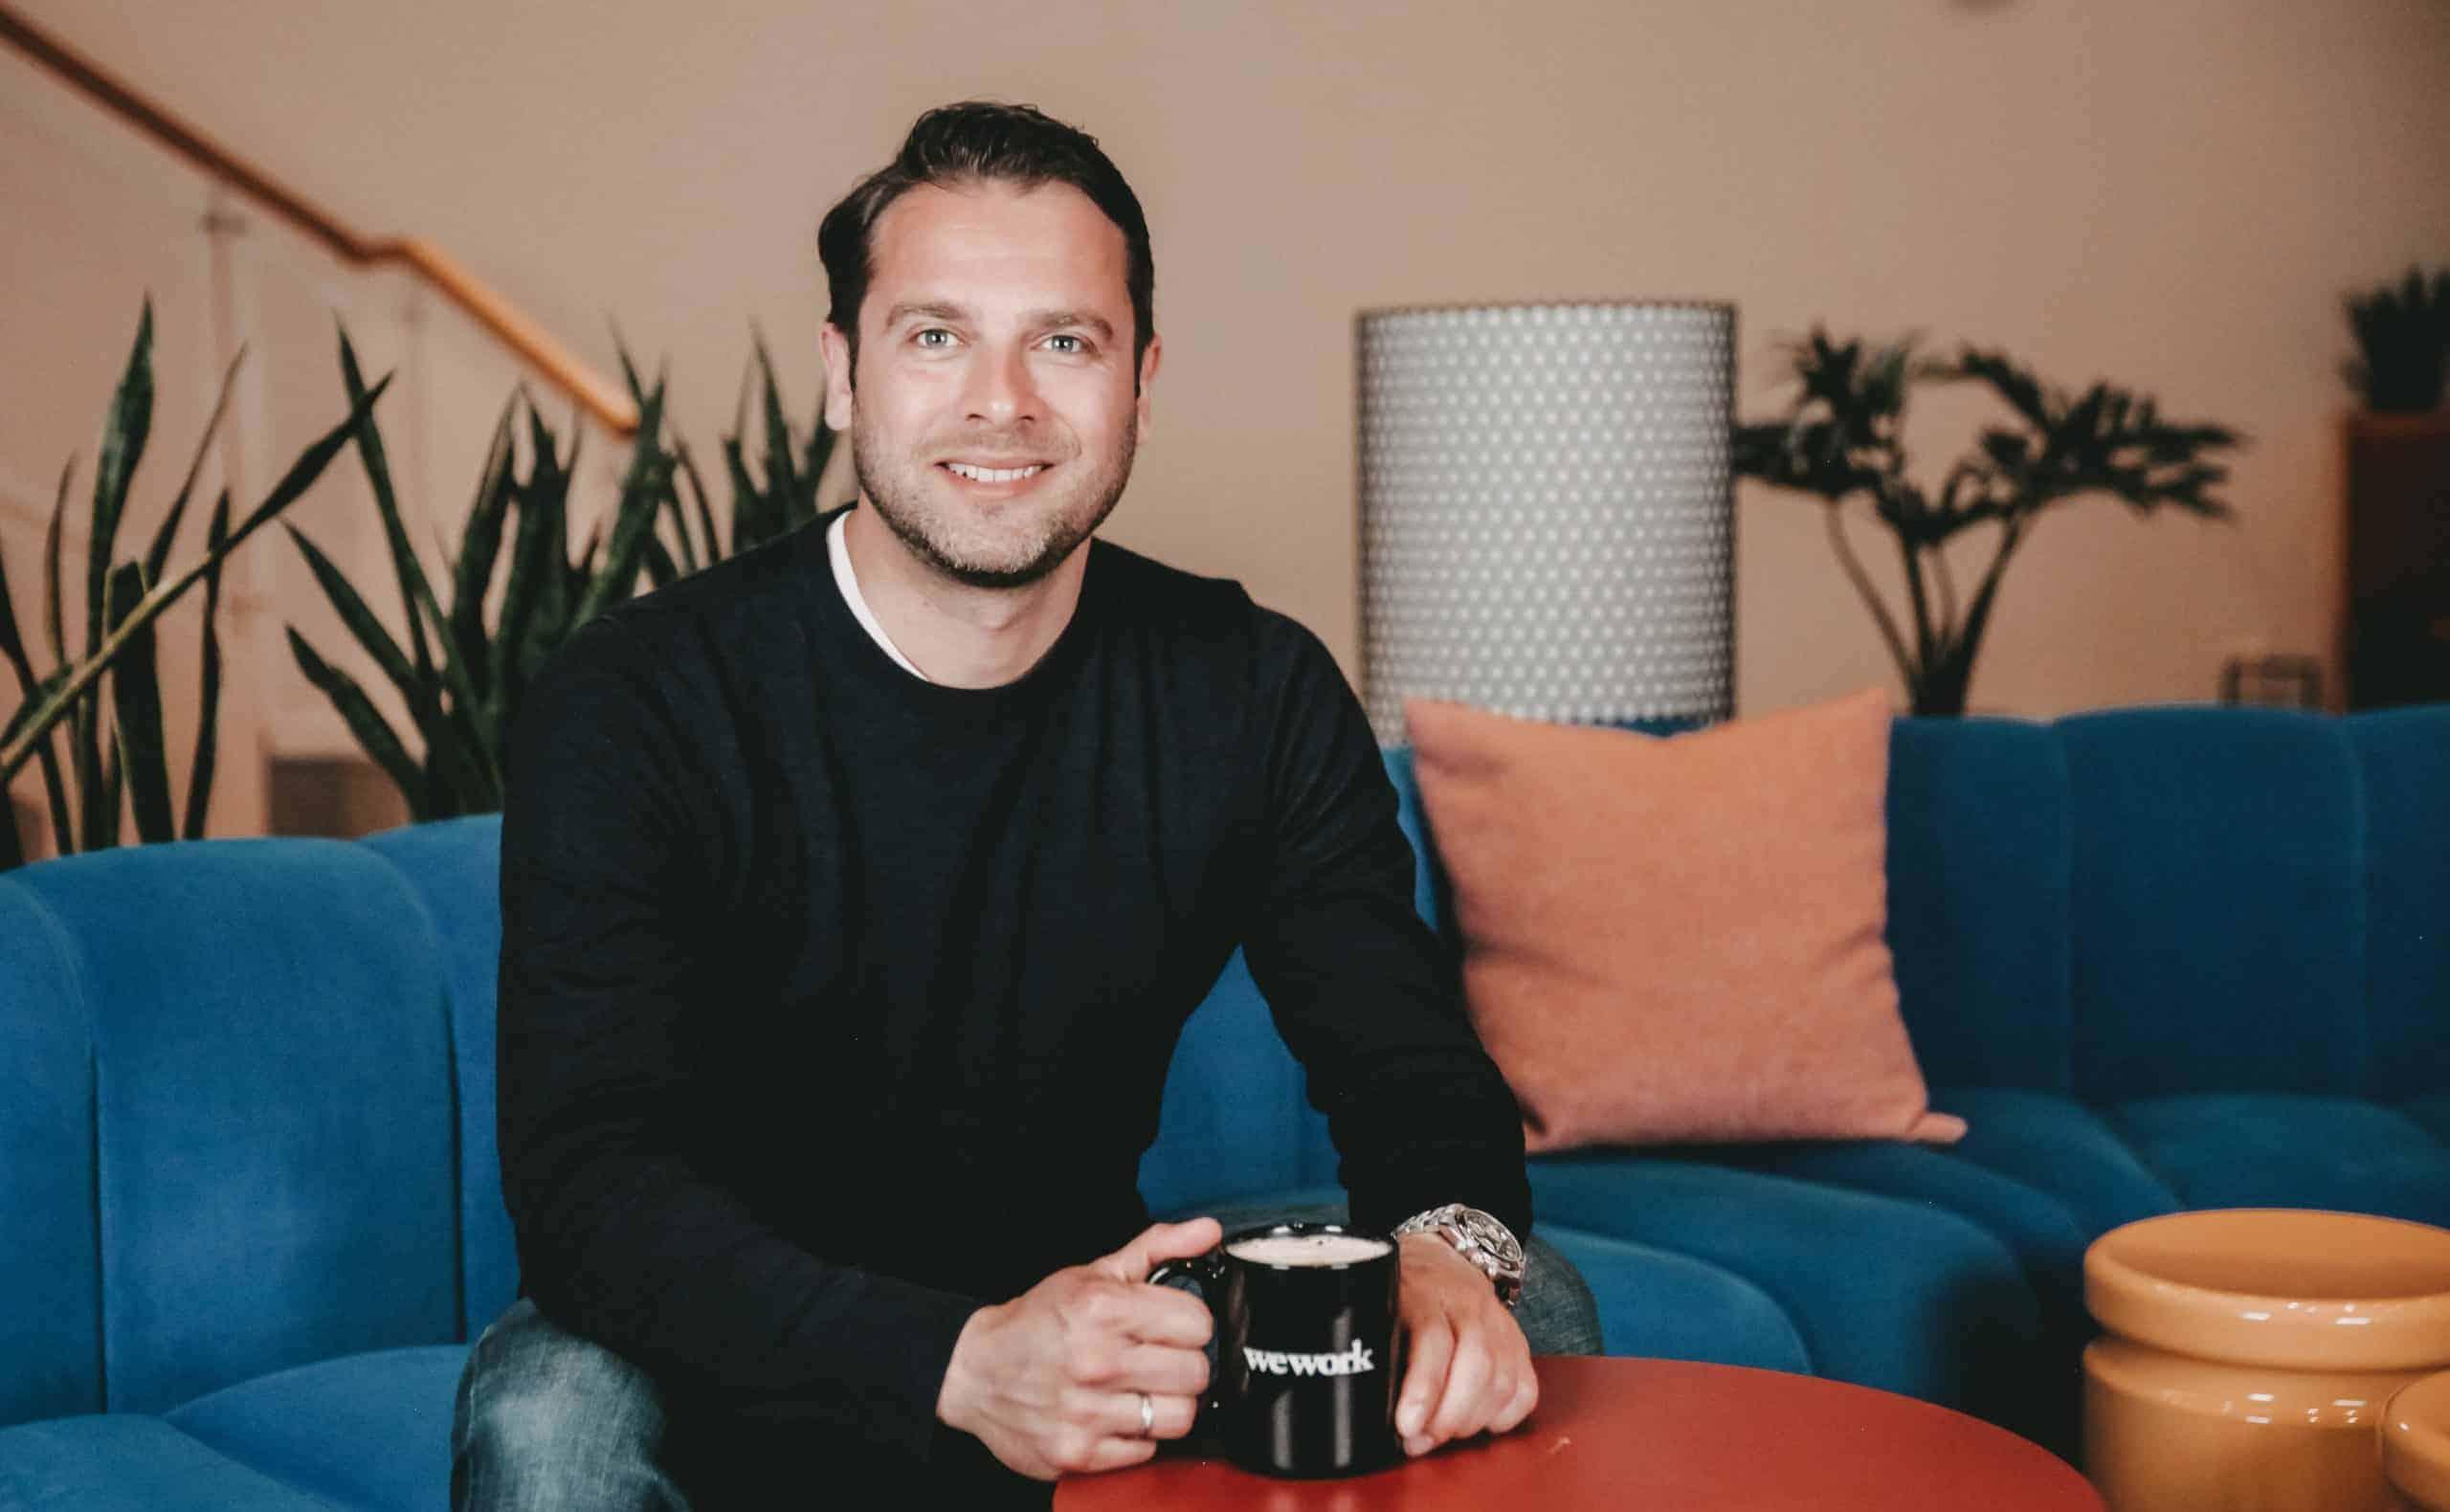 Europa-Chef Nikolay Kolev: Die Zukunft ist hybrid. Ist WeWork der neue Standard?